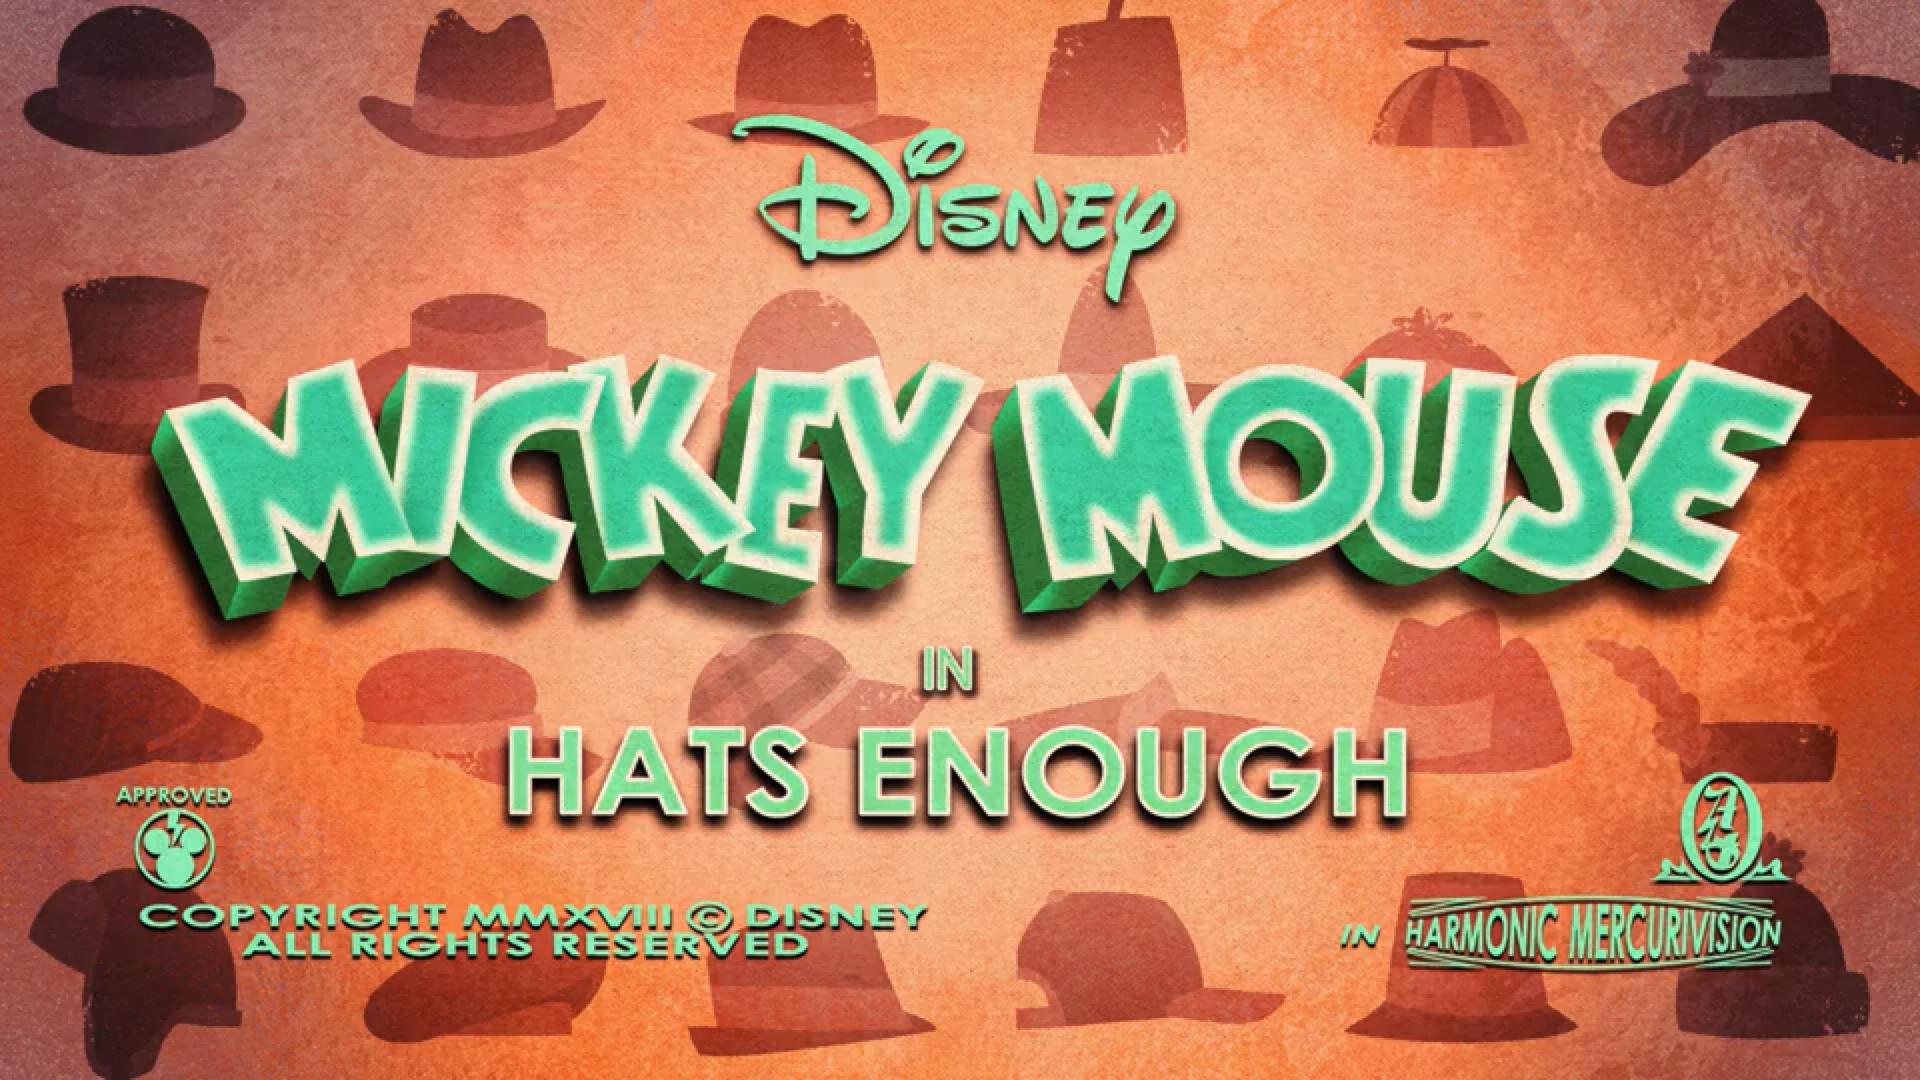 Hats Enough